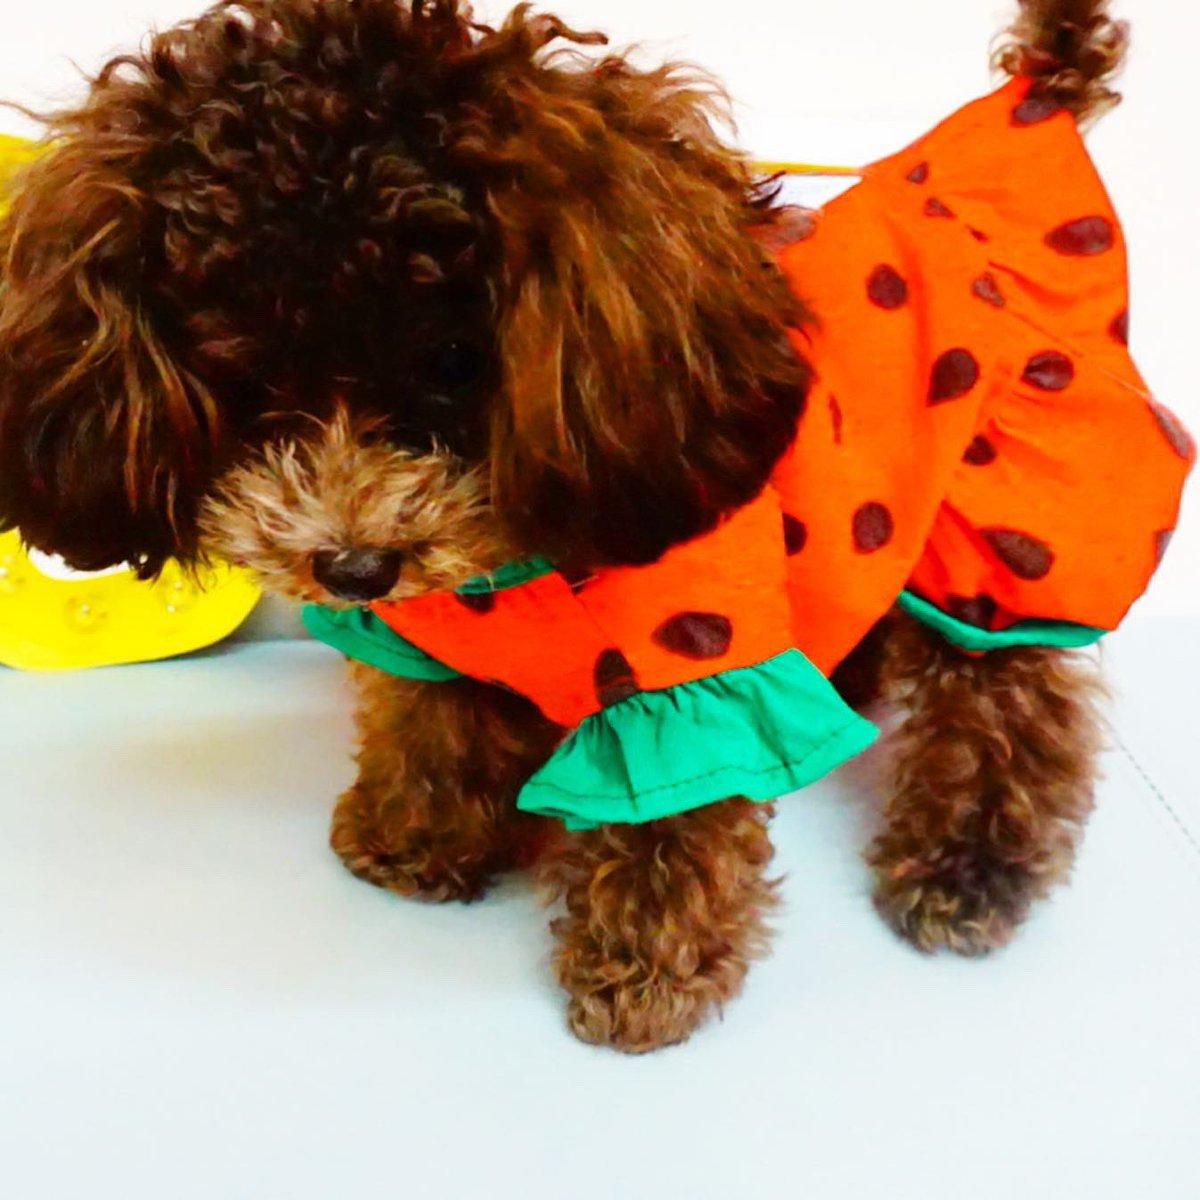 test ツイッターメディア - スイカ姫😍  いちごじゃないよ🍓 スイカだよ🍉  いぬのきもち#犬ばか部#犬カフェ#犬すたぐらむ#犬のいる暮らし#黒柴#豆柴#柴すたぐらむ#柴犬#プードル#犬好きな人と繋がりたい#東京#秋葉原#インスタ映えスポット https://t.co/LsIug4NAR0